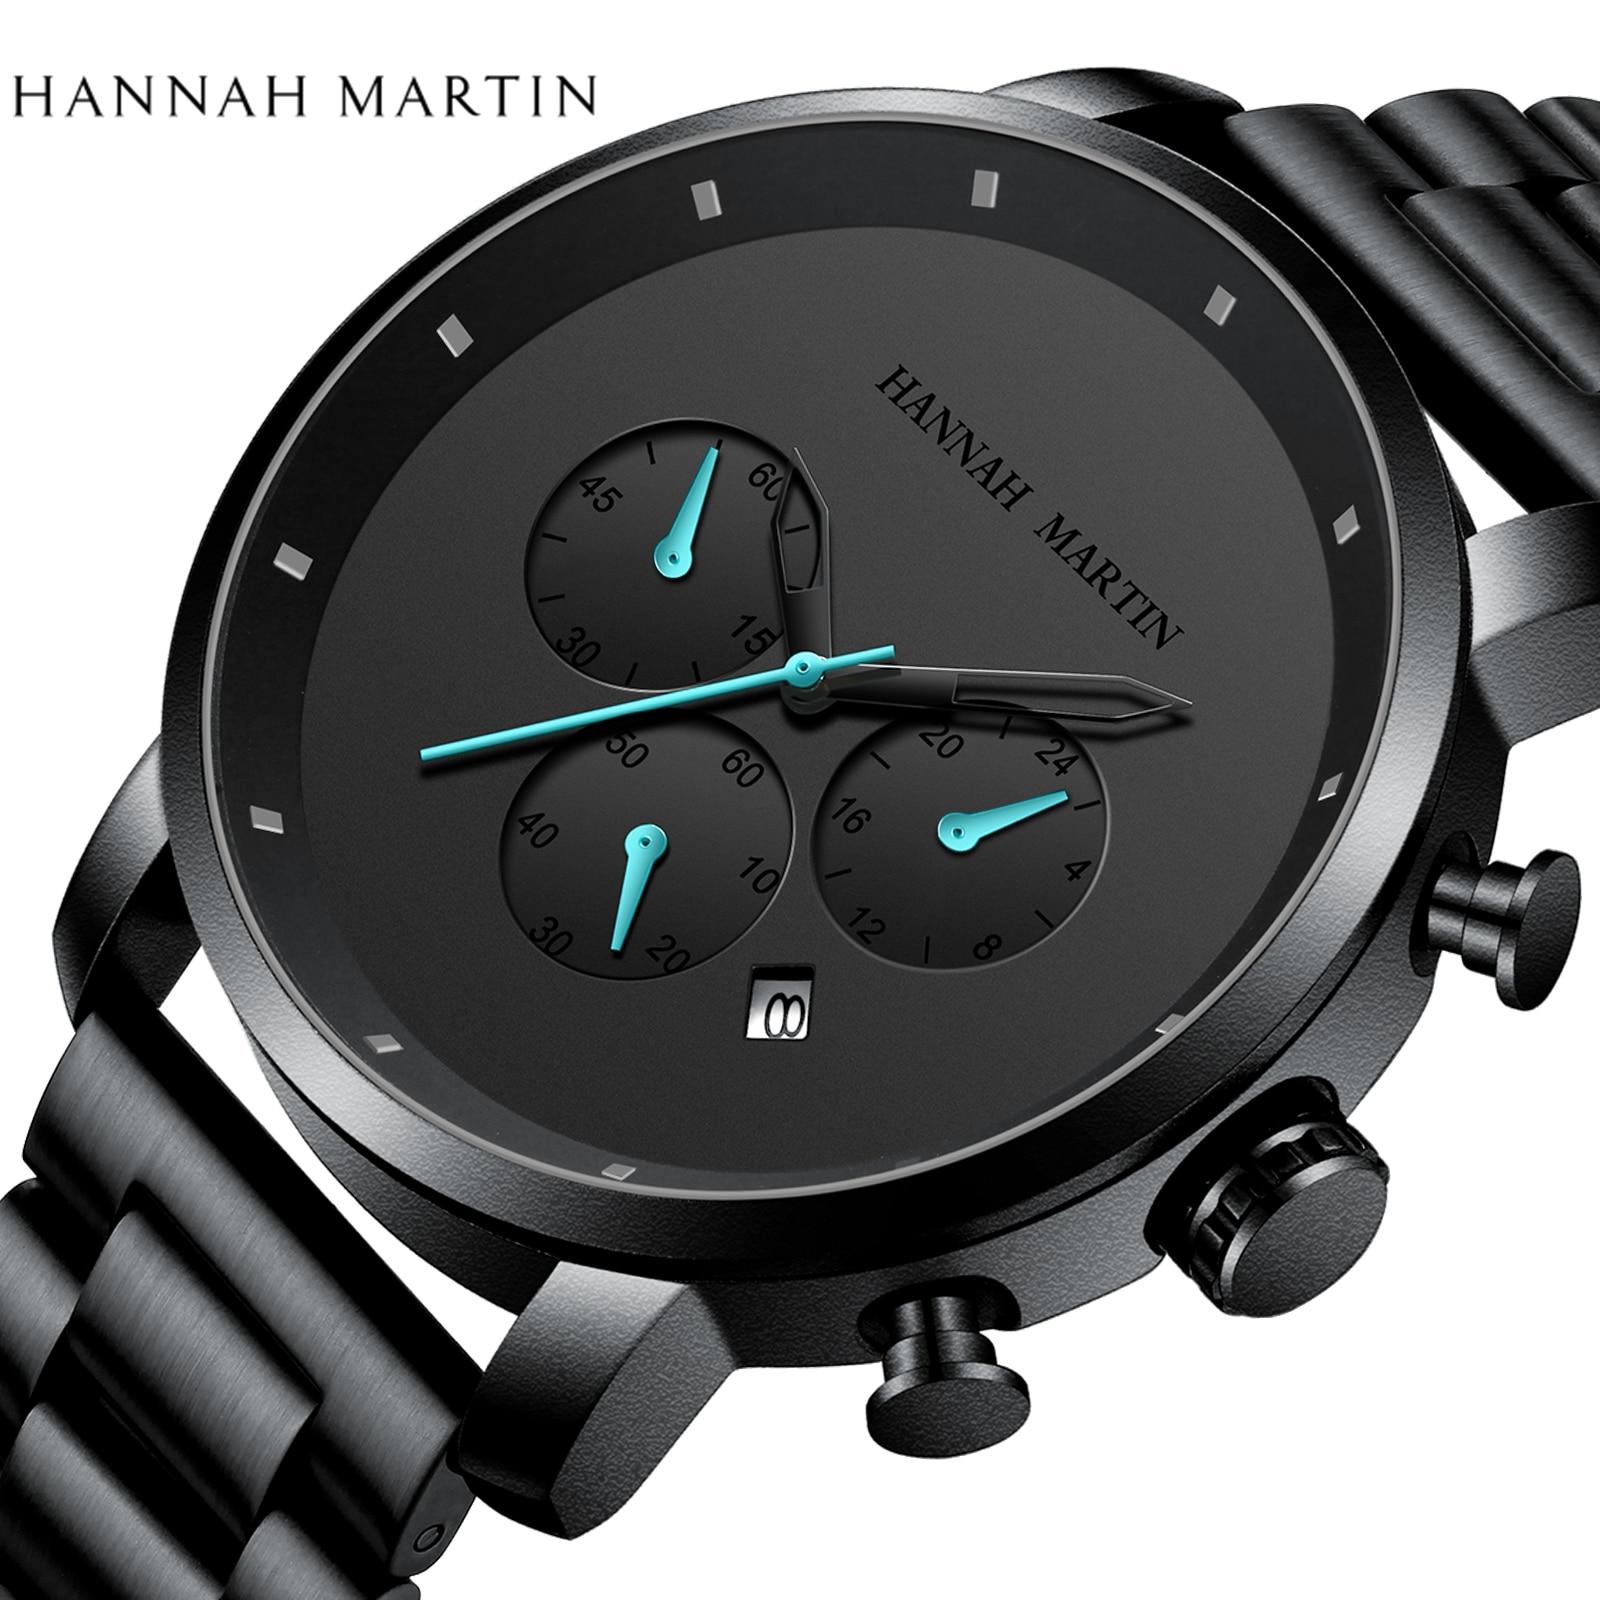 DropShipping Big Dial 45mm Full Black Stainless Steel Multi function Calendar Men s Top Brand Innrech Market.com